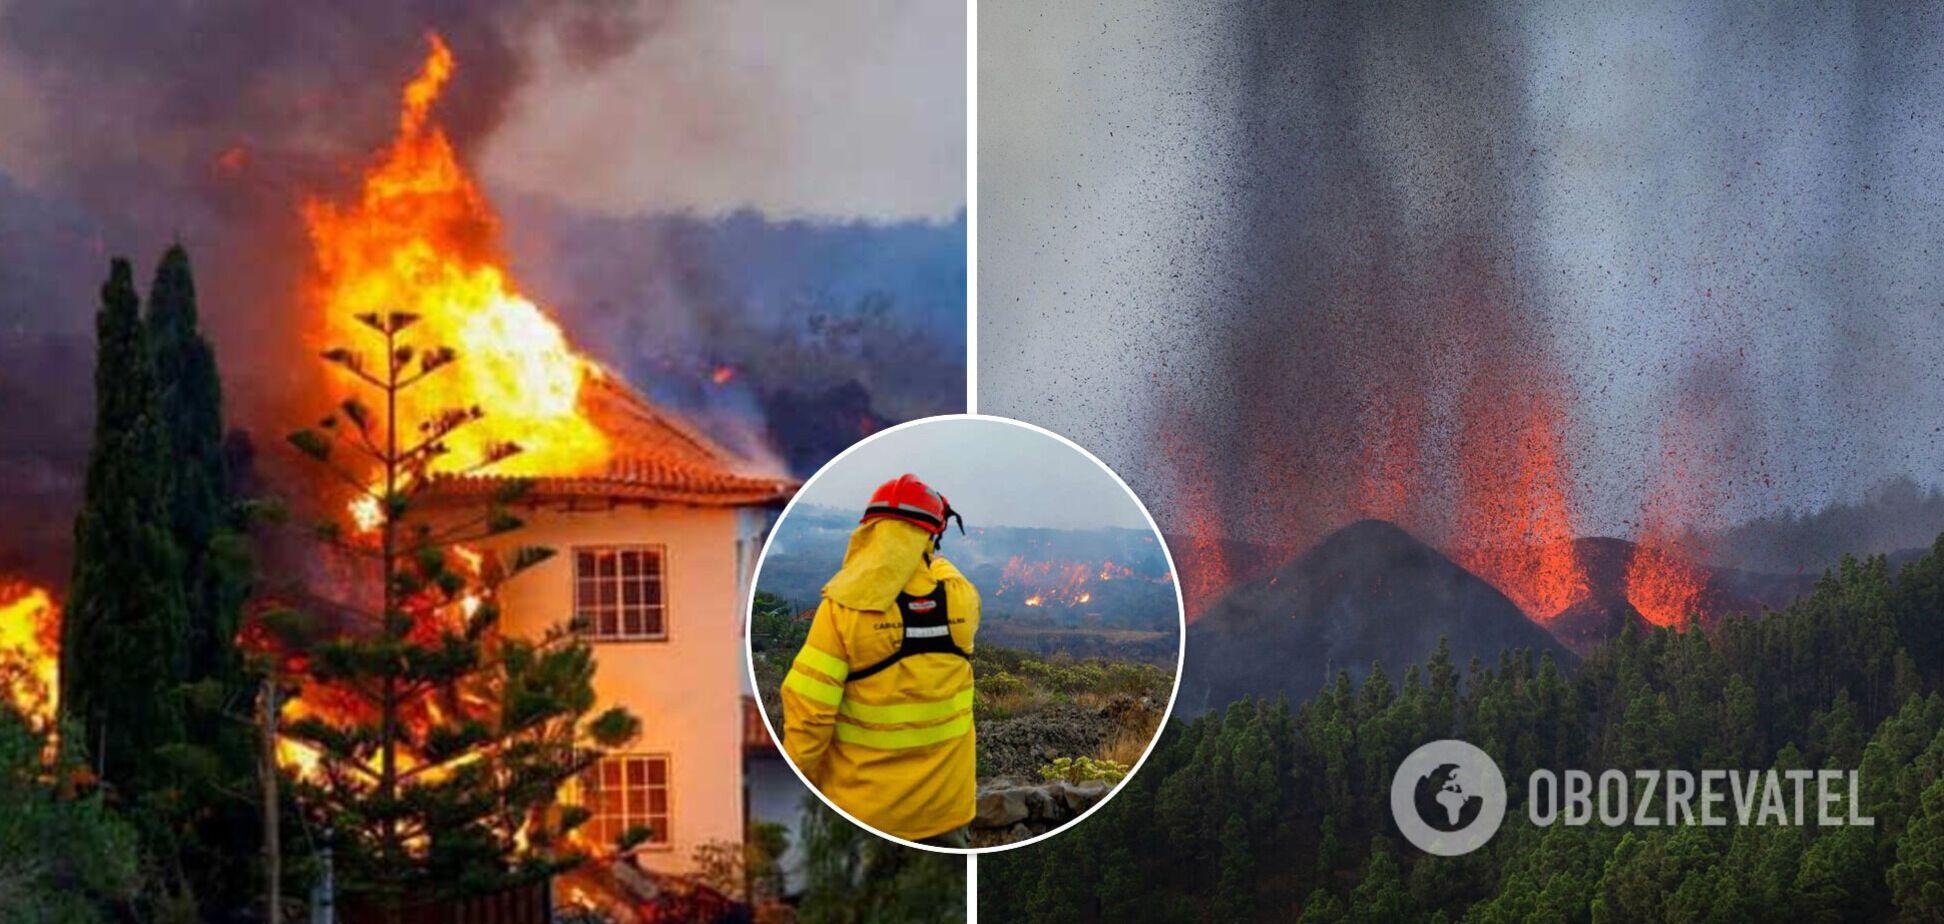 Виверження вулкана на Канарських островах зруйнувало сотню будинків, люди рятуються втечею. Фото і відео